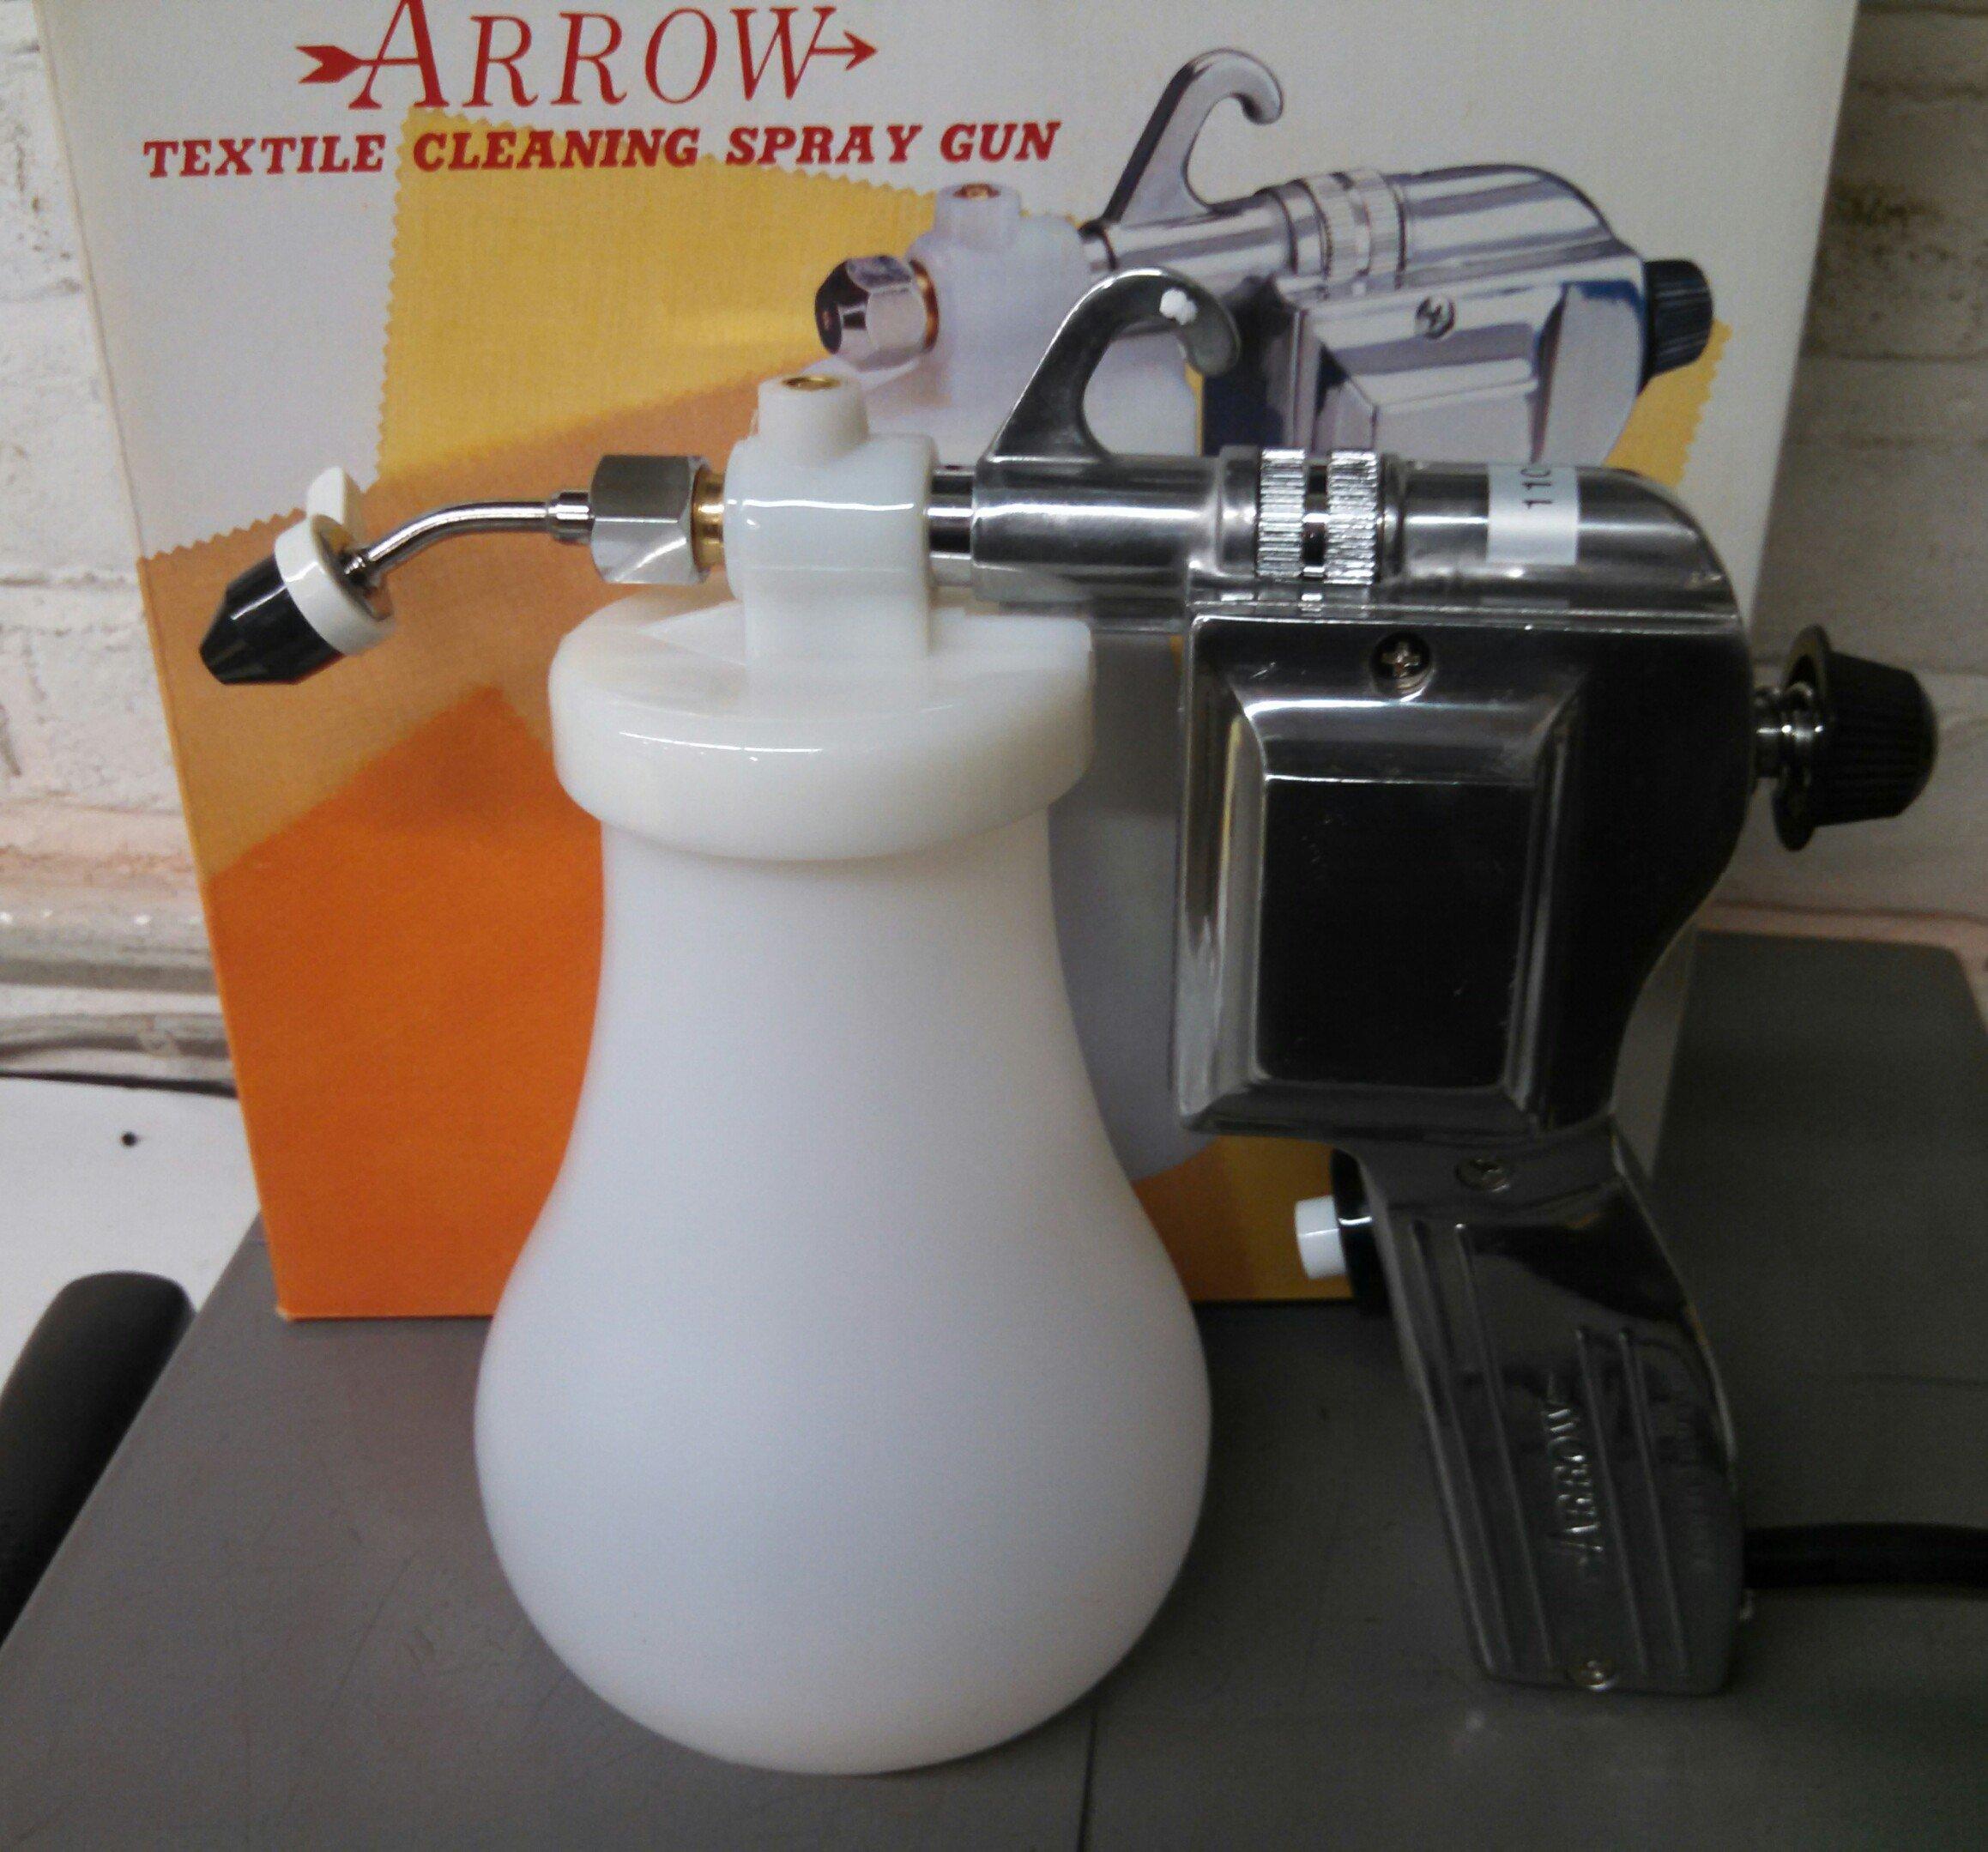 GENUINE ARROW SPOT CLEANING GUN by ARROW